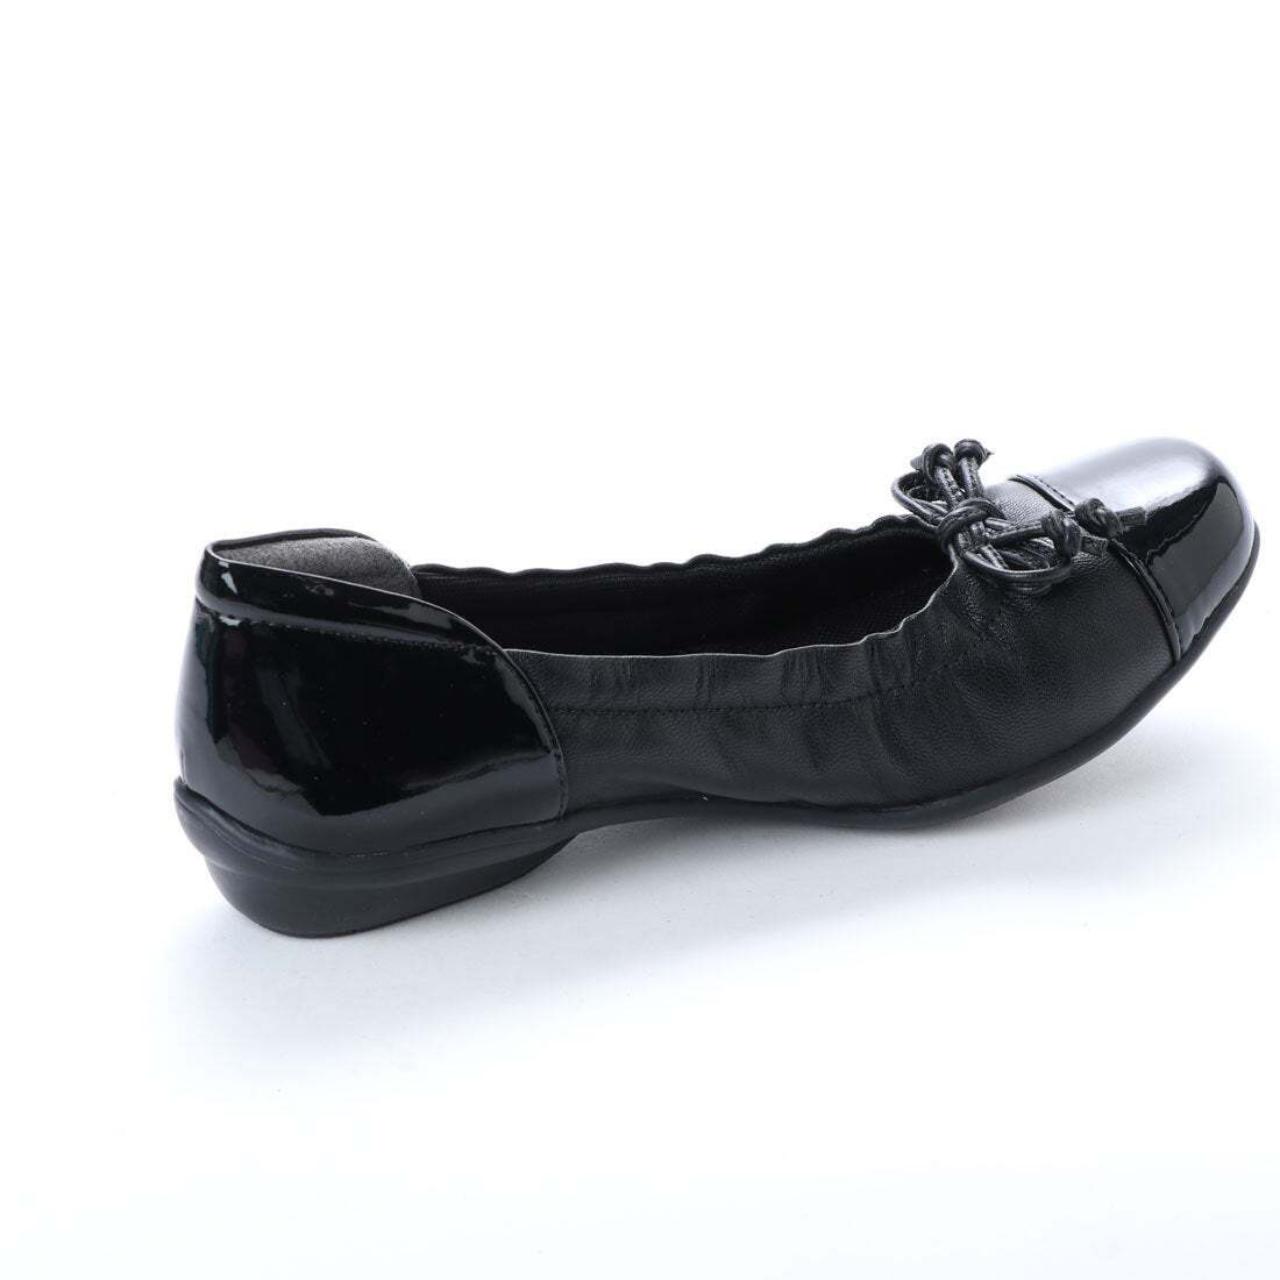 SHOEL(シュール) 本革  パンプス  E6477 ブラック ベージュ シルバー